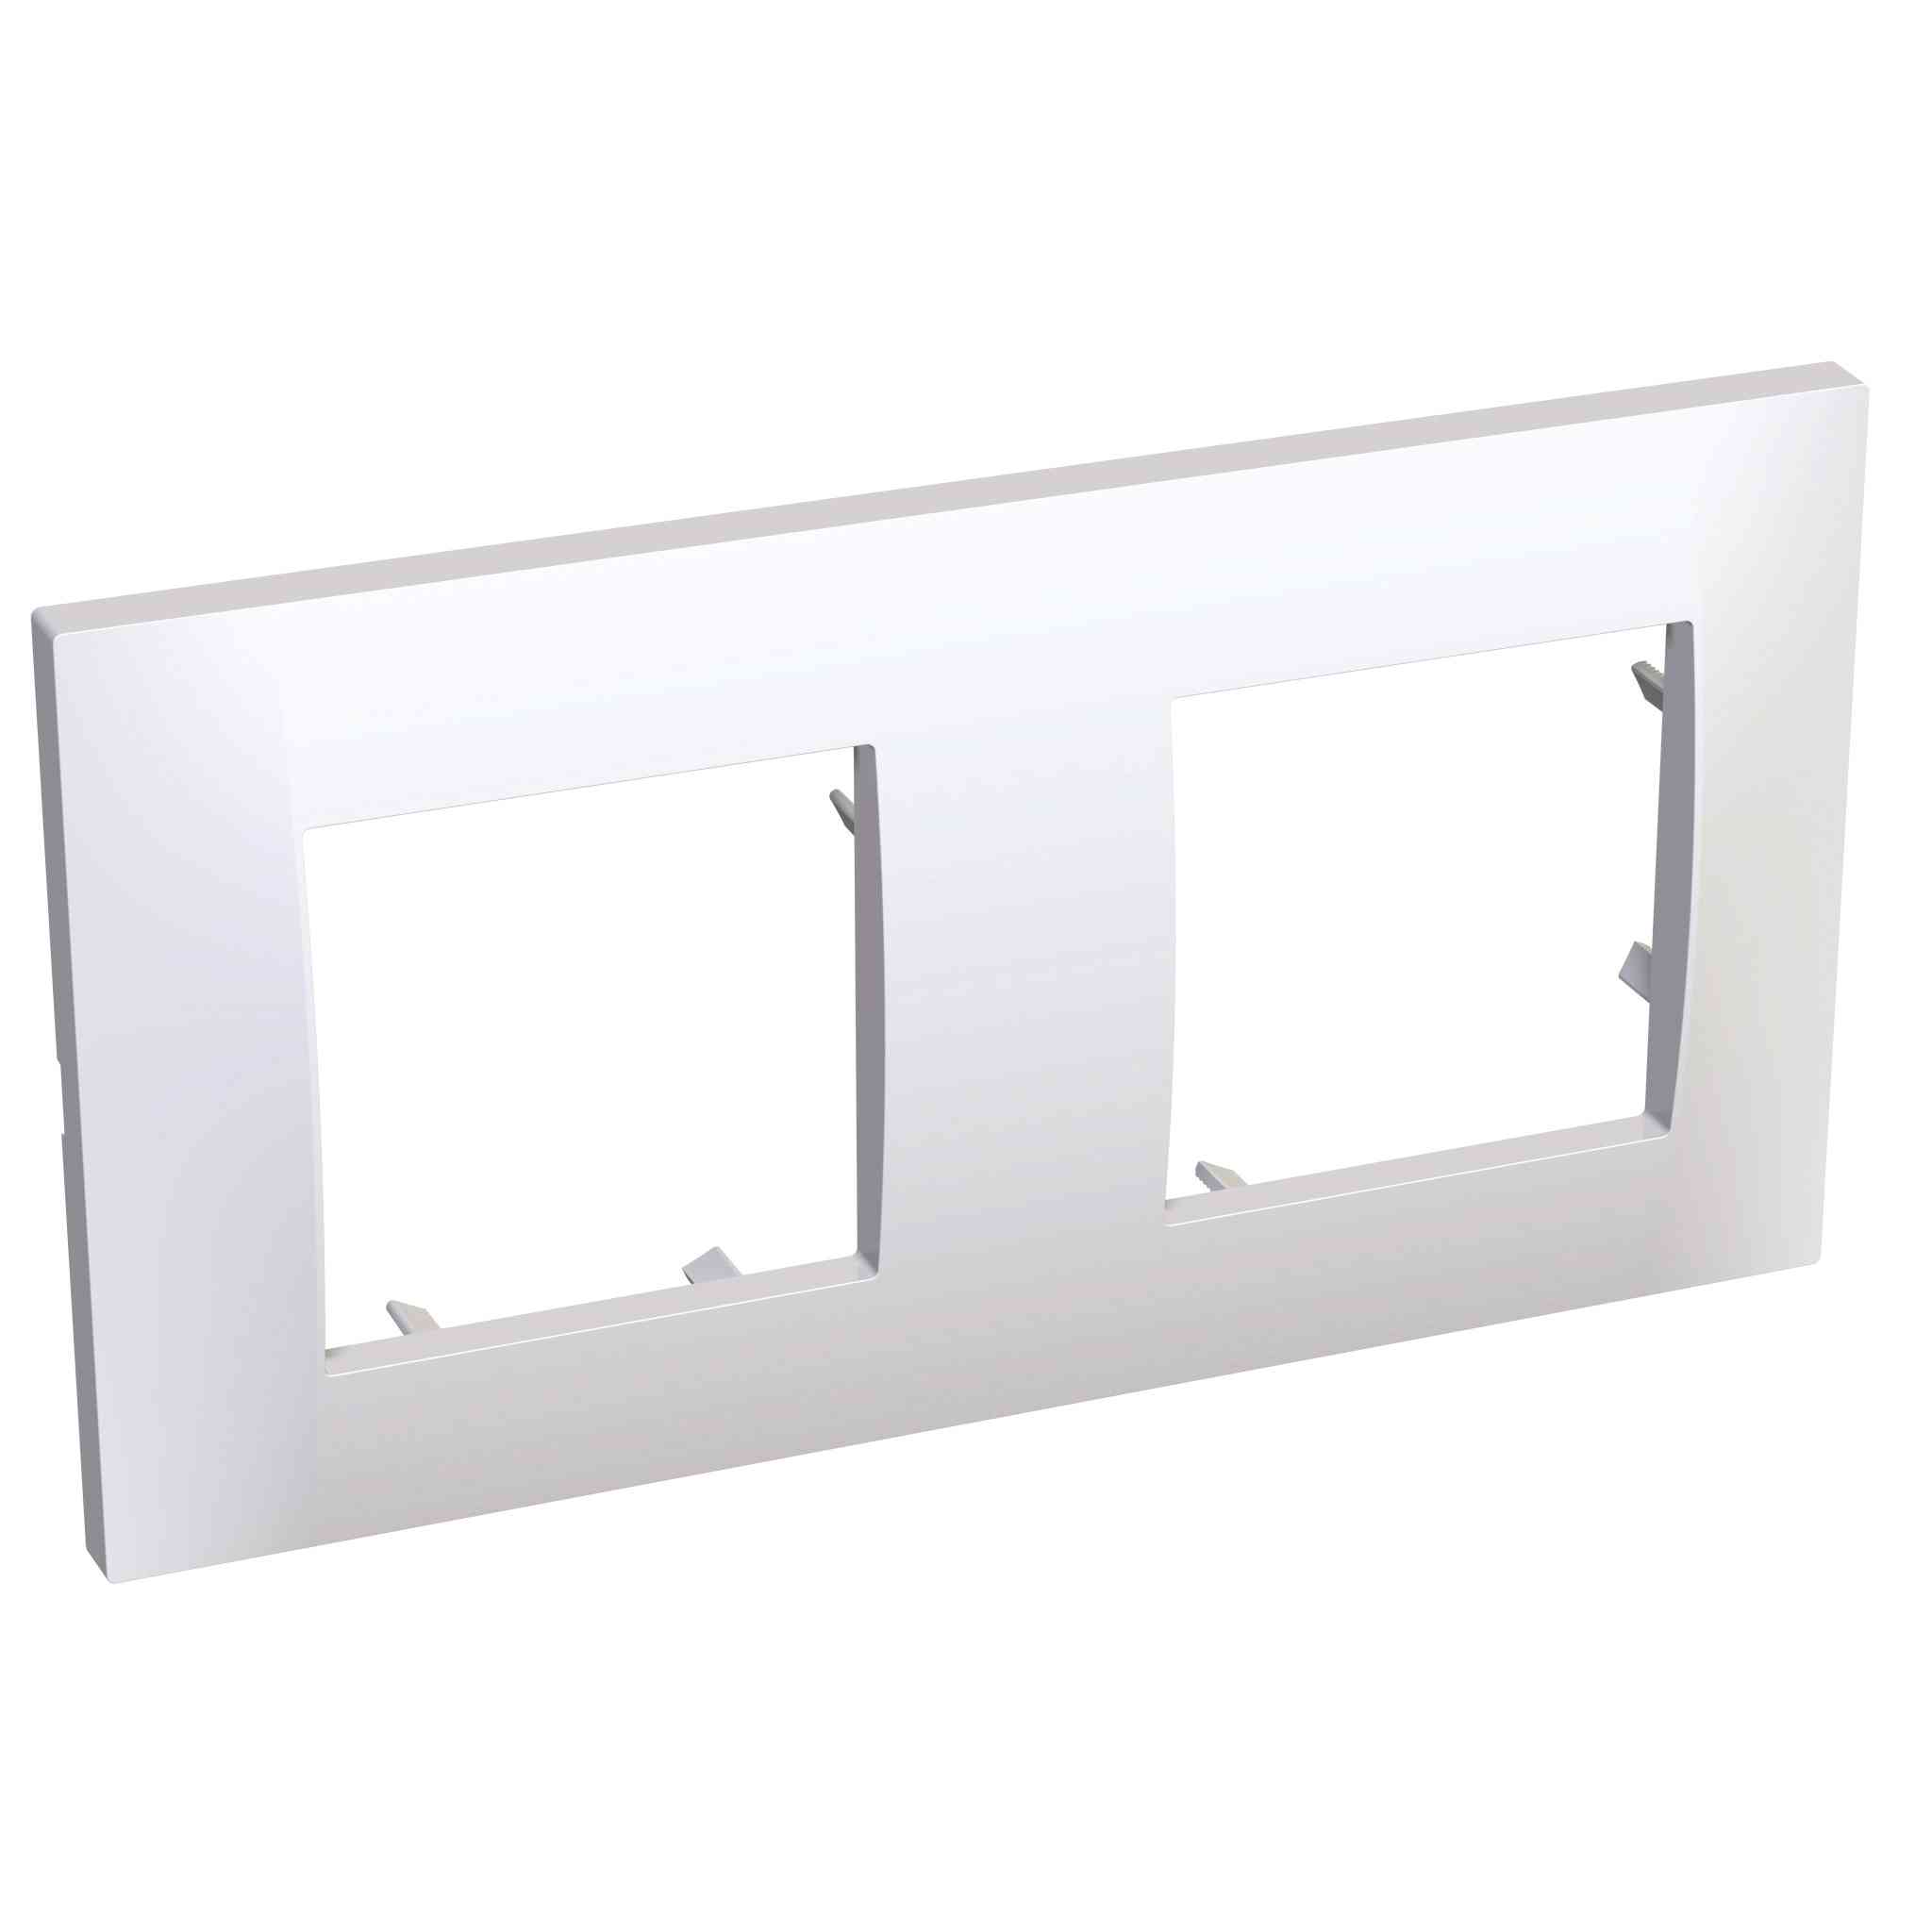 Altira - dekorativni okvir - 2 vodoravni odprtini - polarno bel - 71 mm